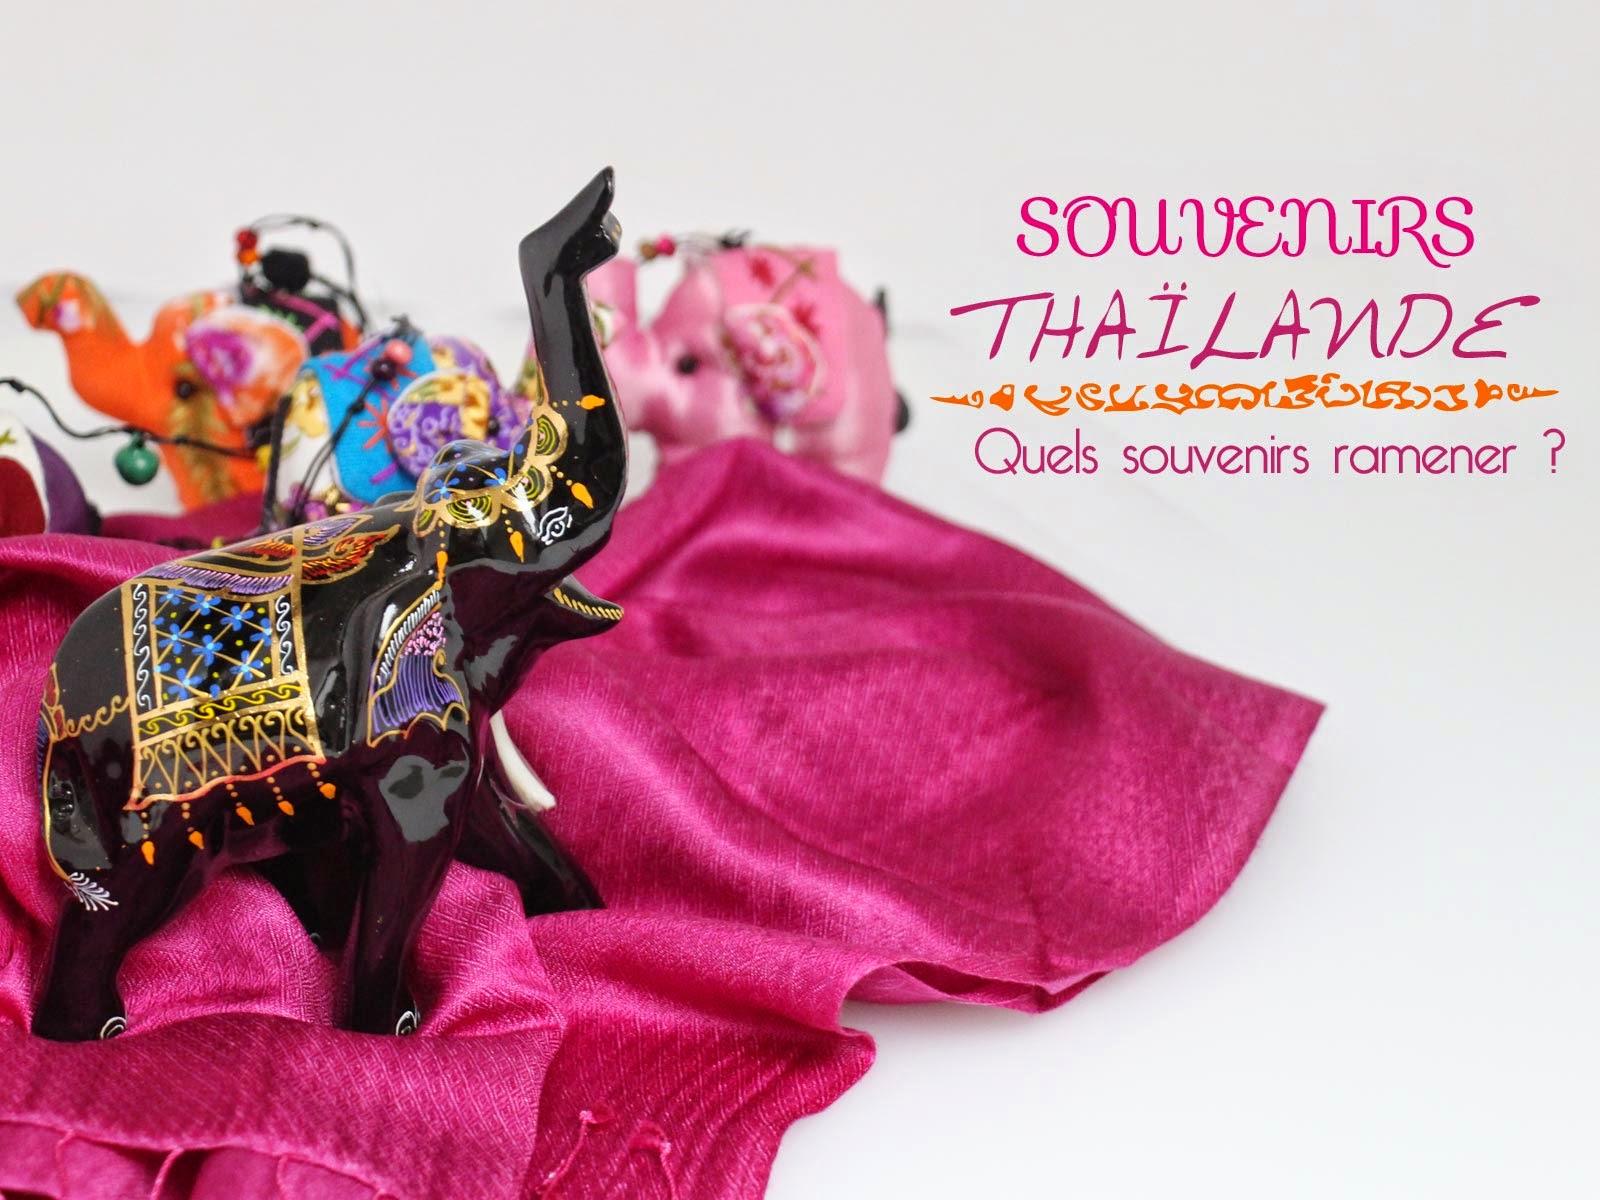 Souvenir de thaïlande - laitfraise creation